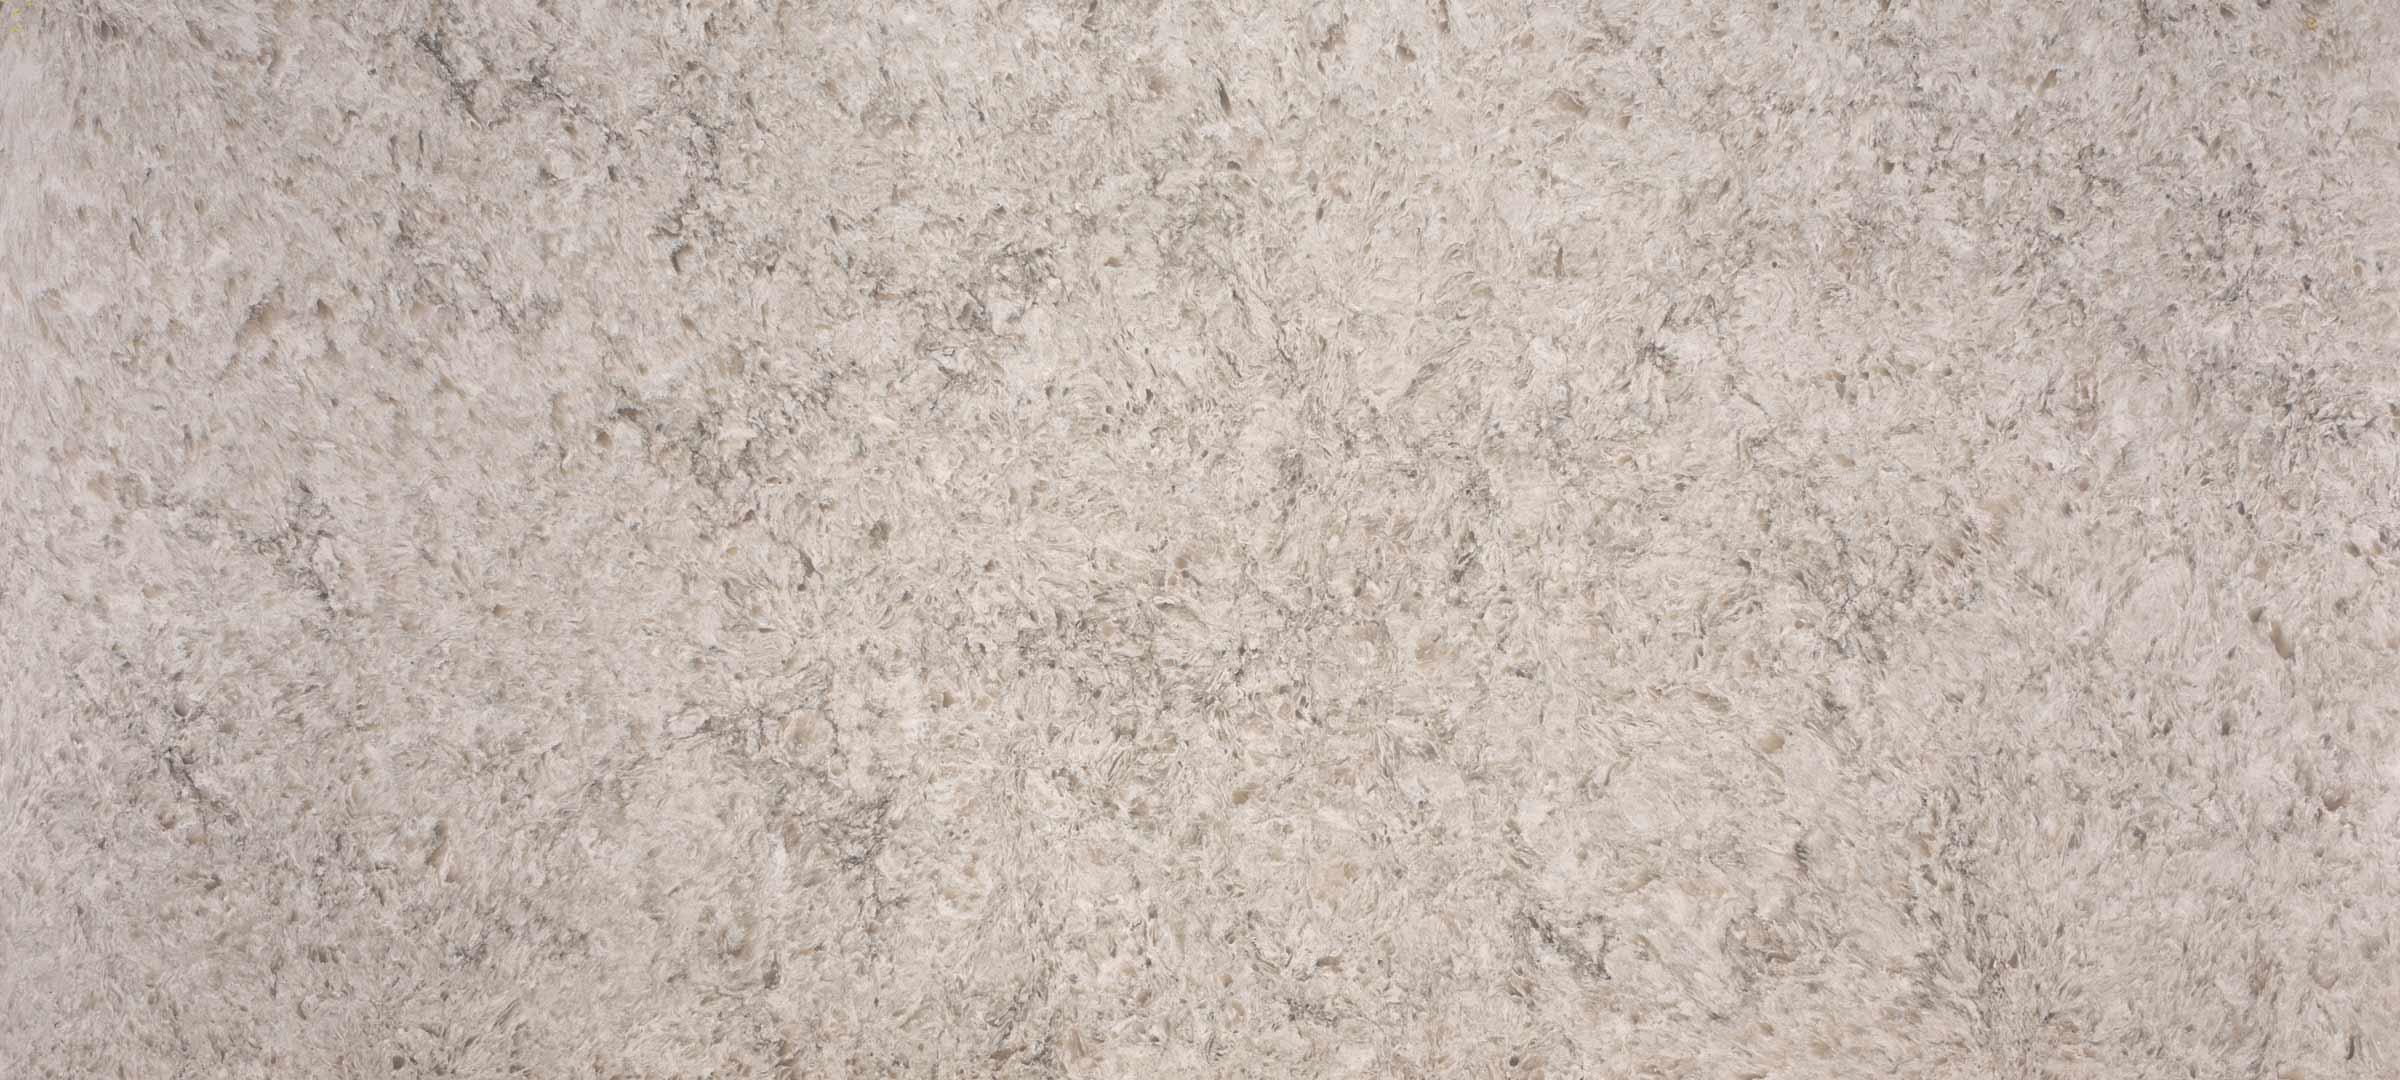 clever caesarstone quartz gallerycountertopsslabsst